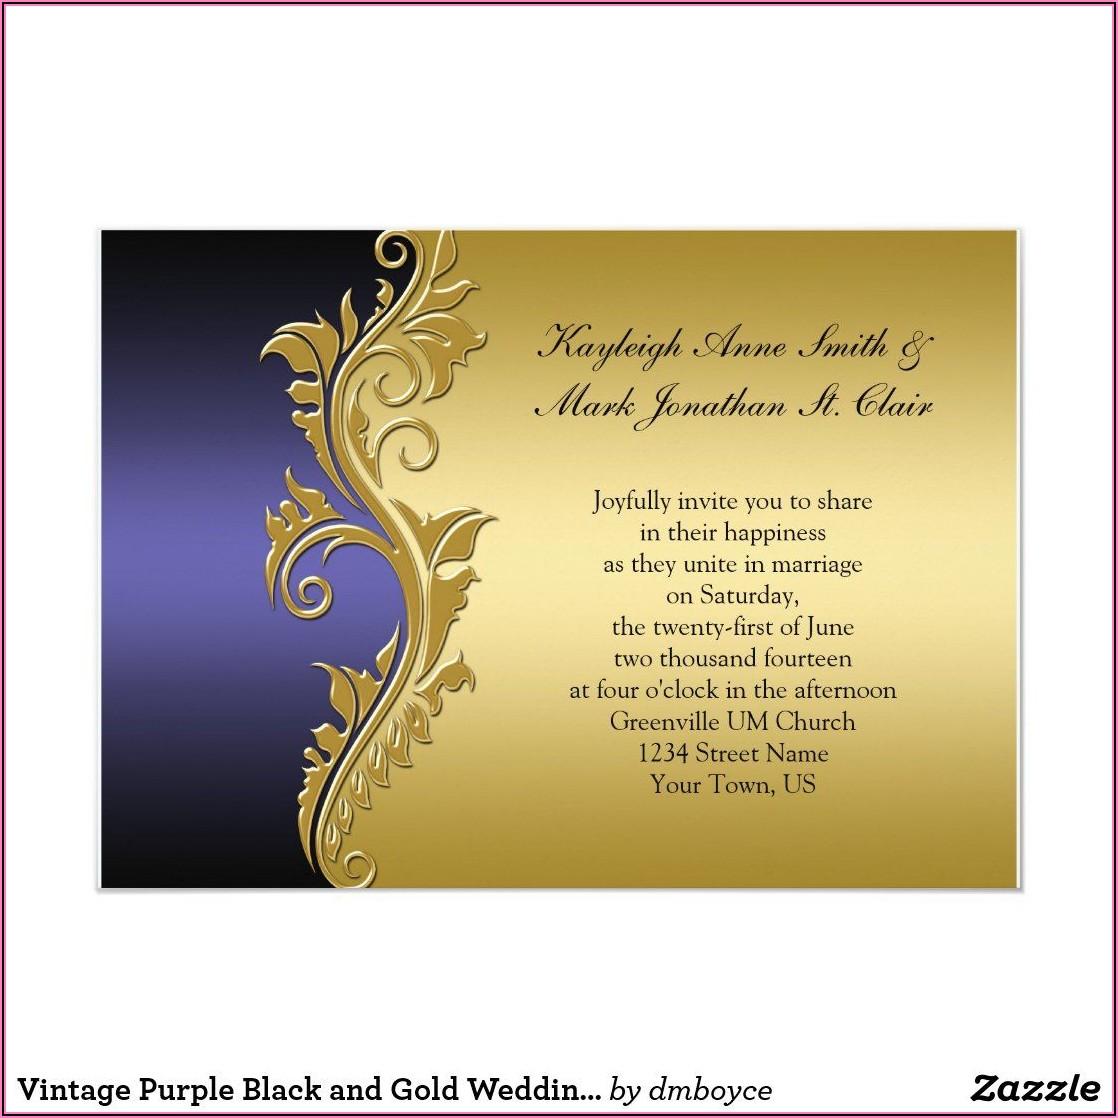 Black And Gold Wedding Invite Zazzle